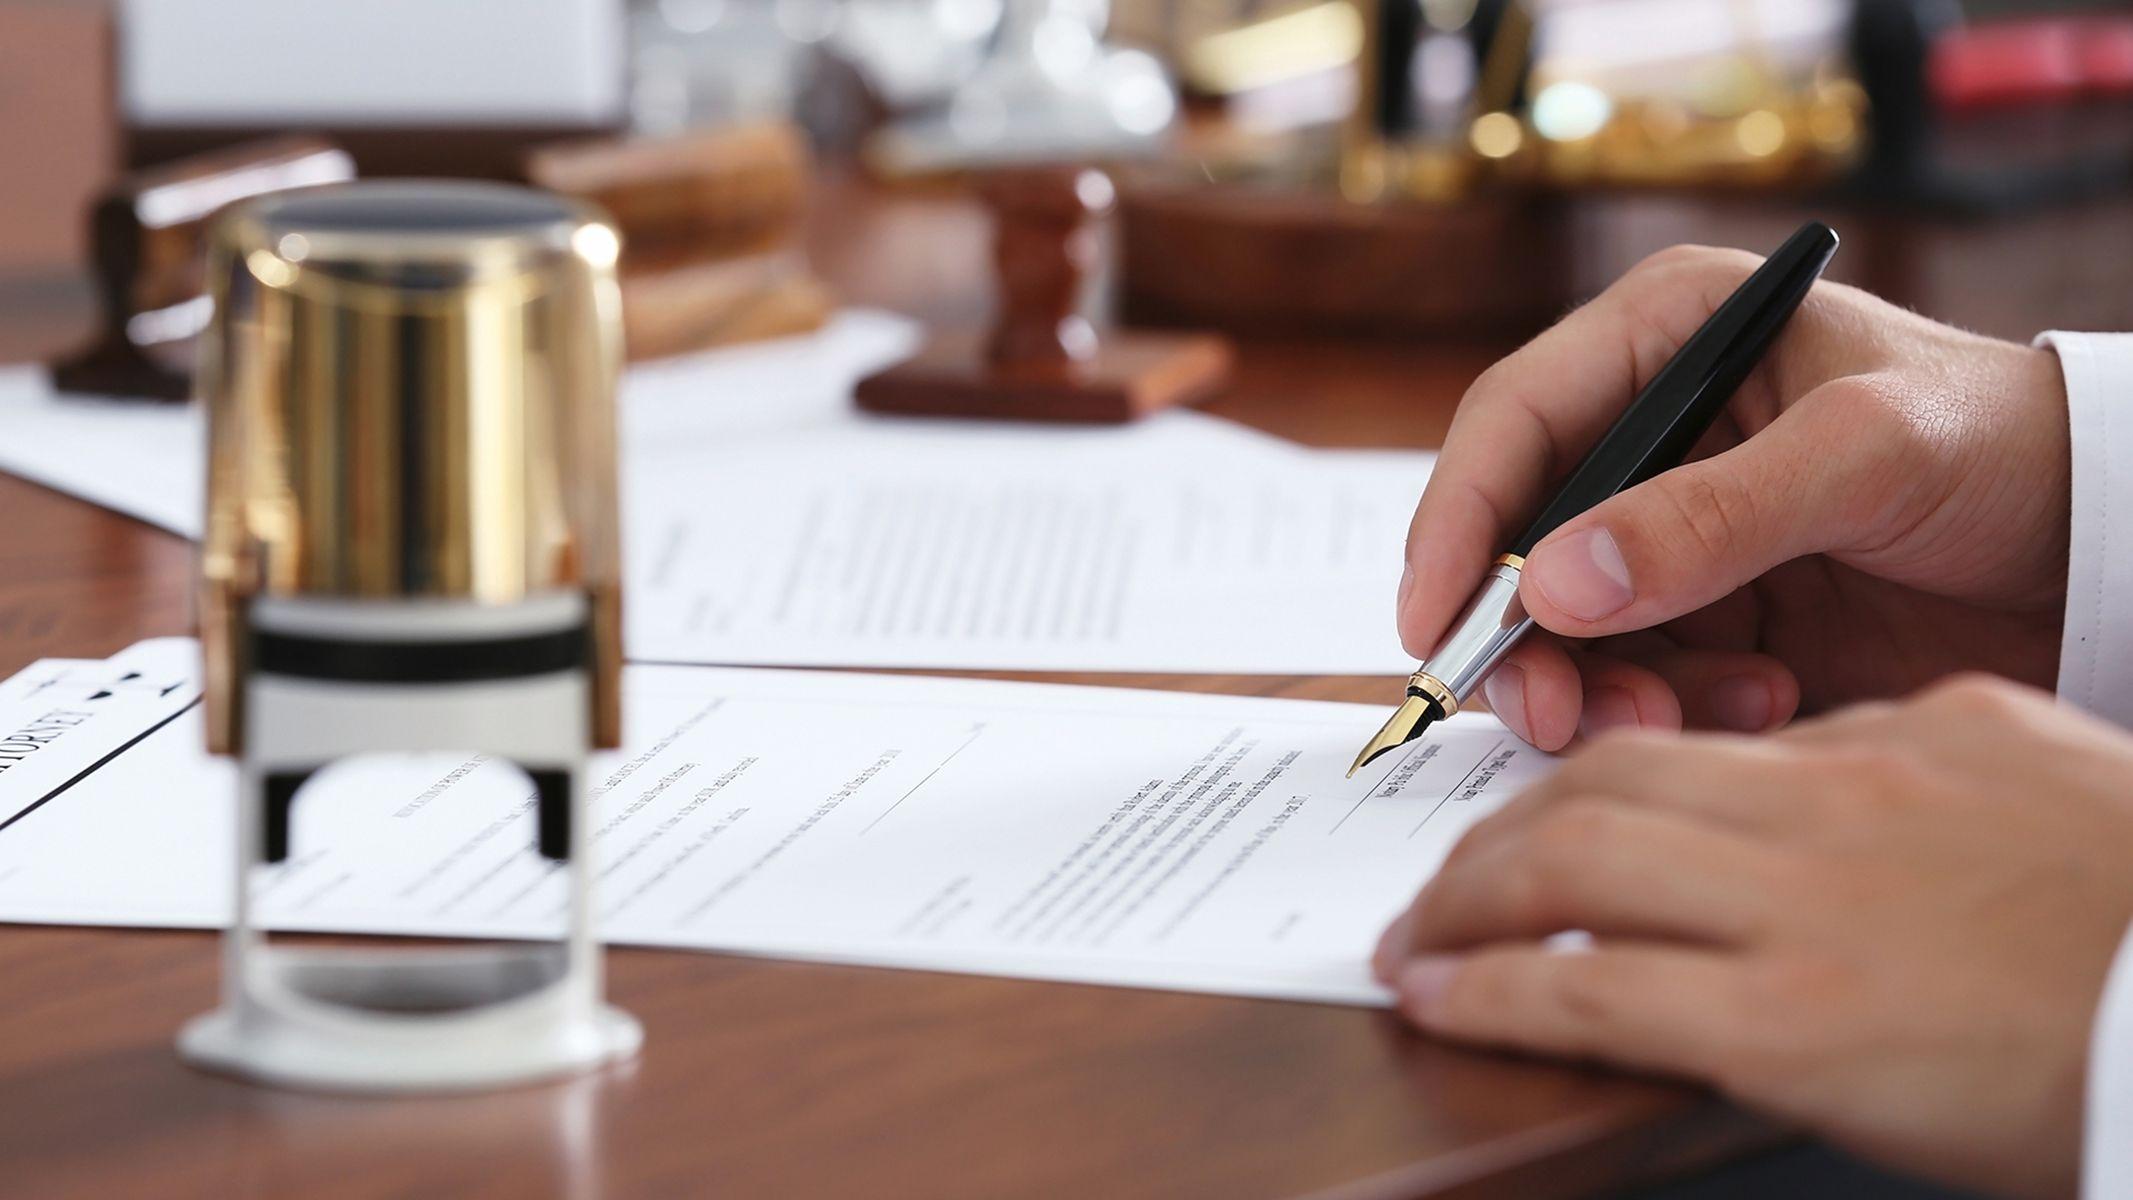 Todo tipo de contratación civil y mercantil